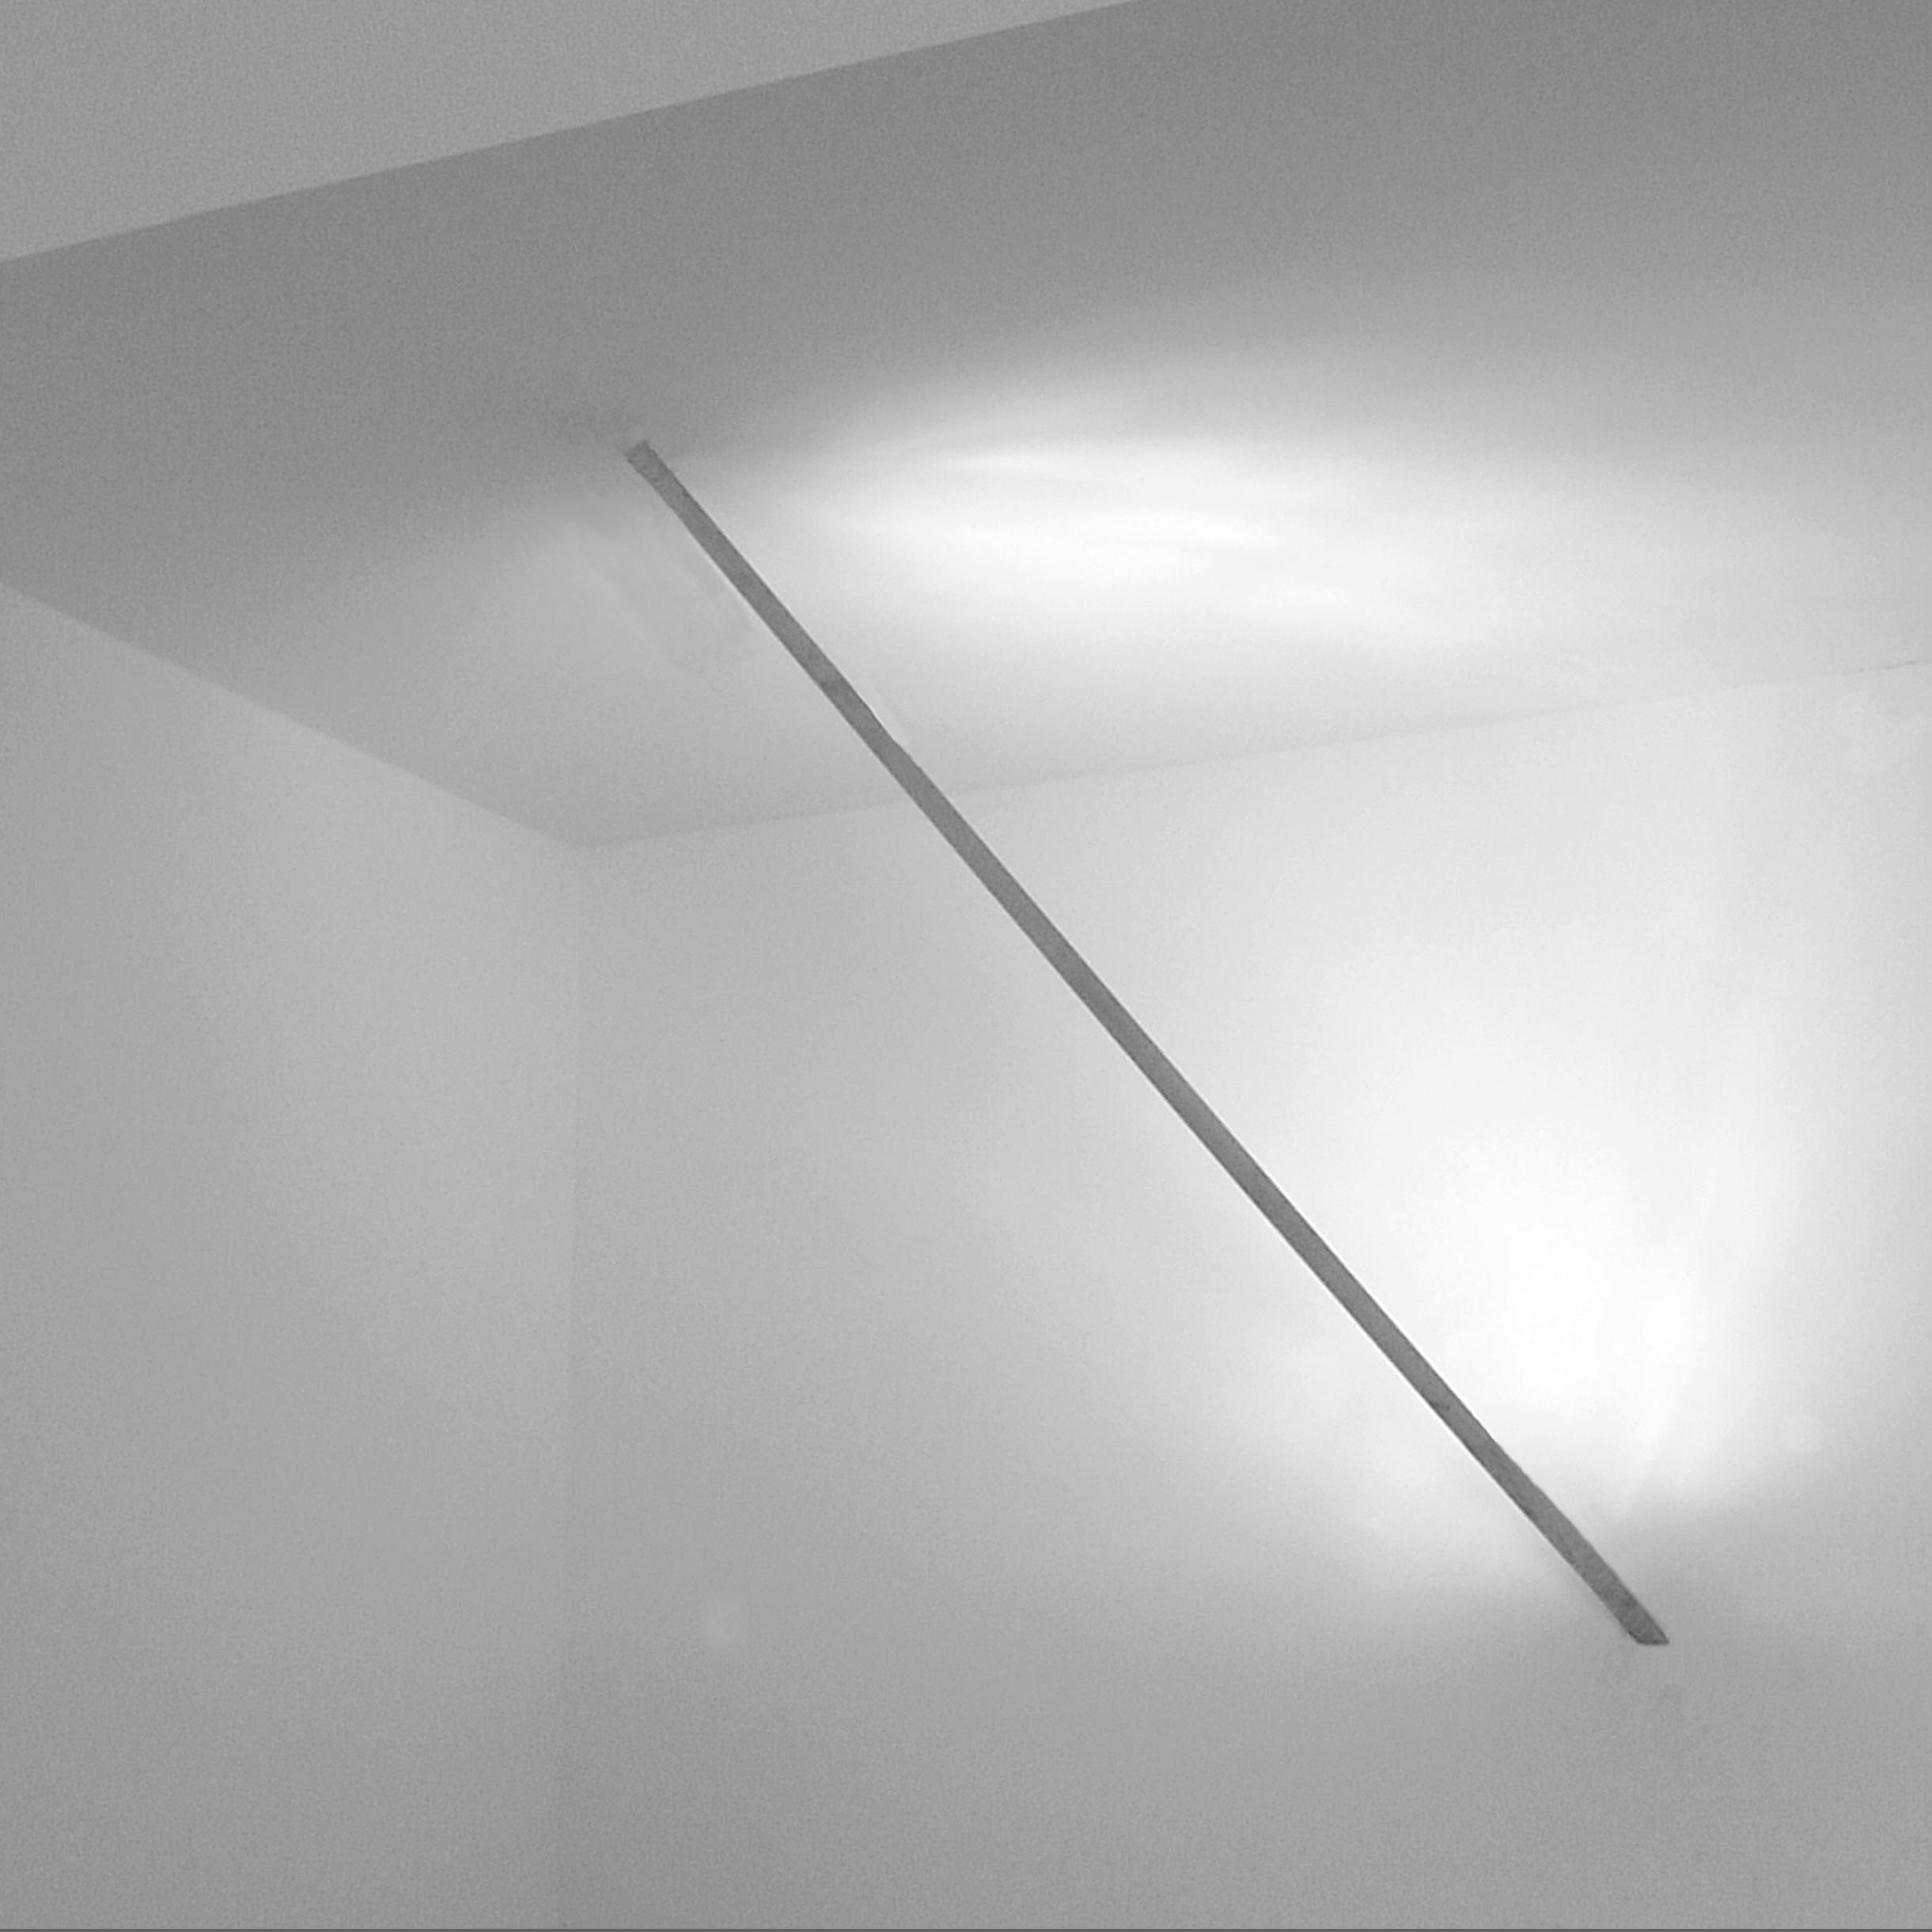 Soft Line LED 24V Single Row Indirect